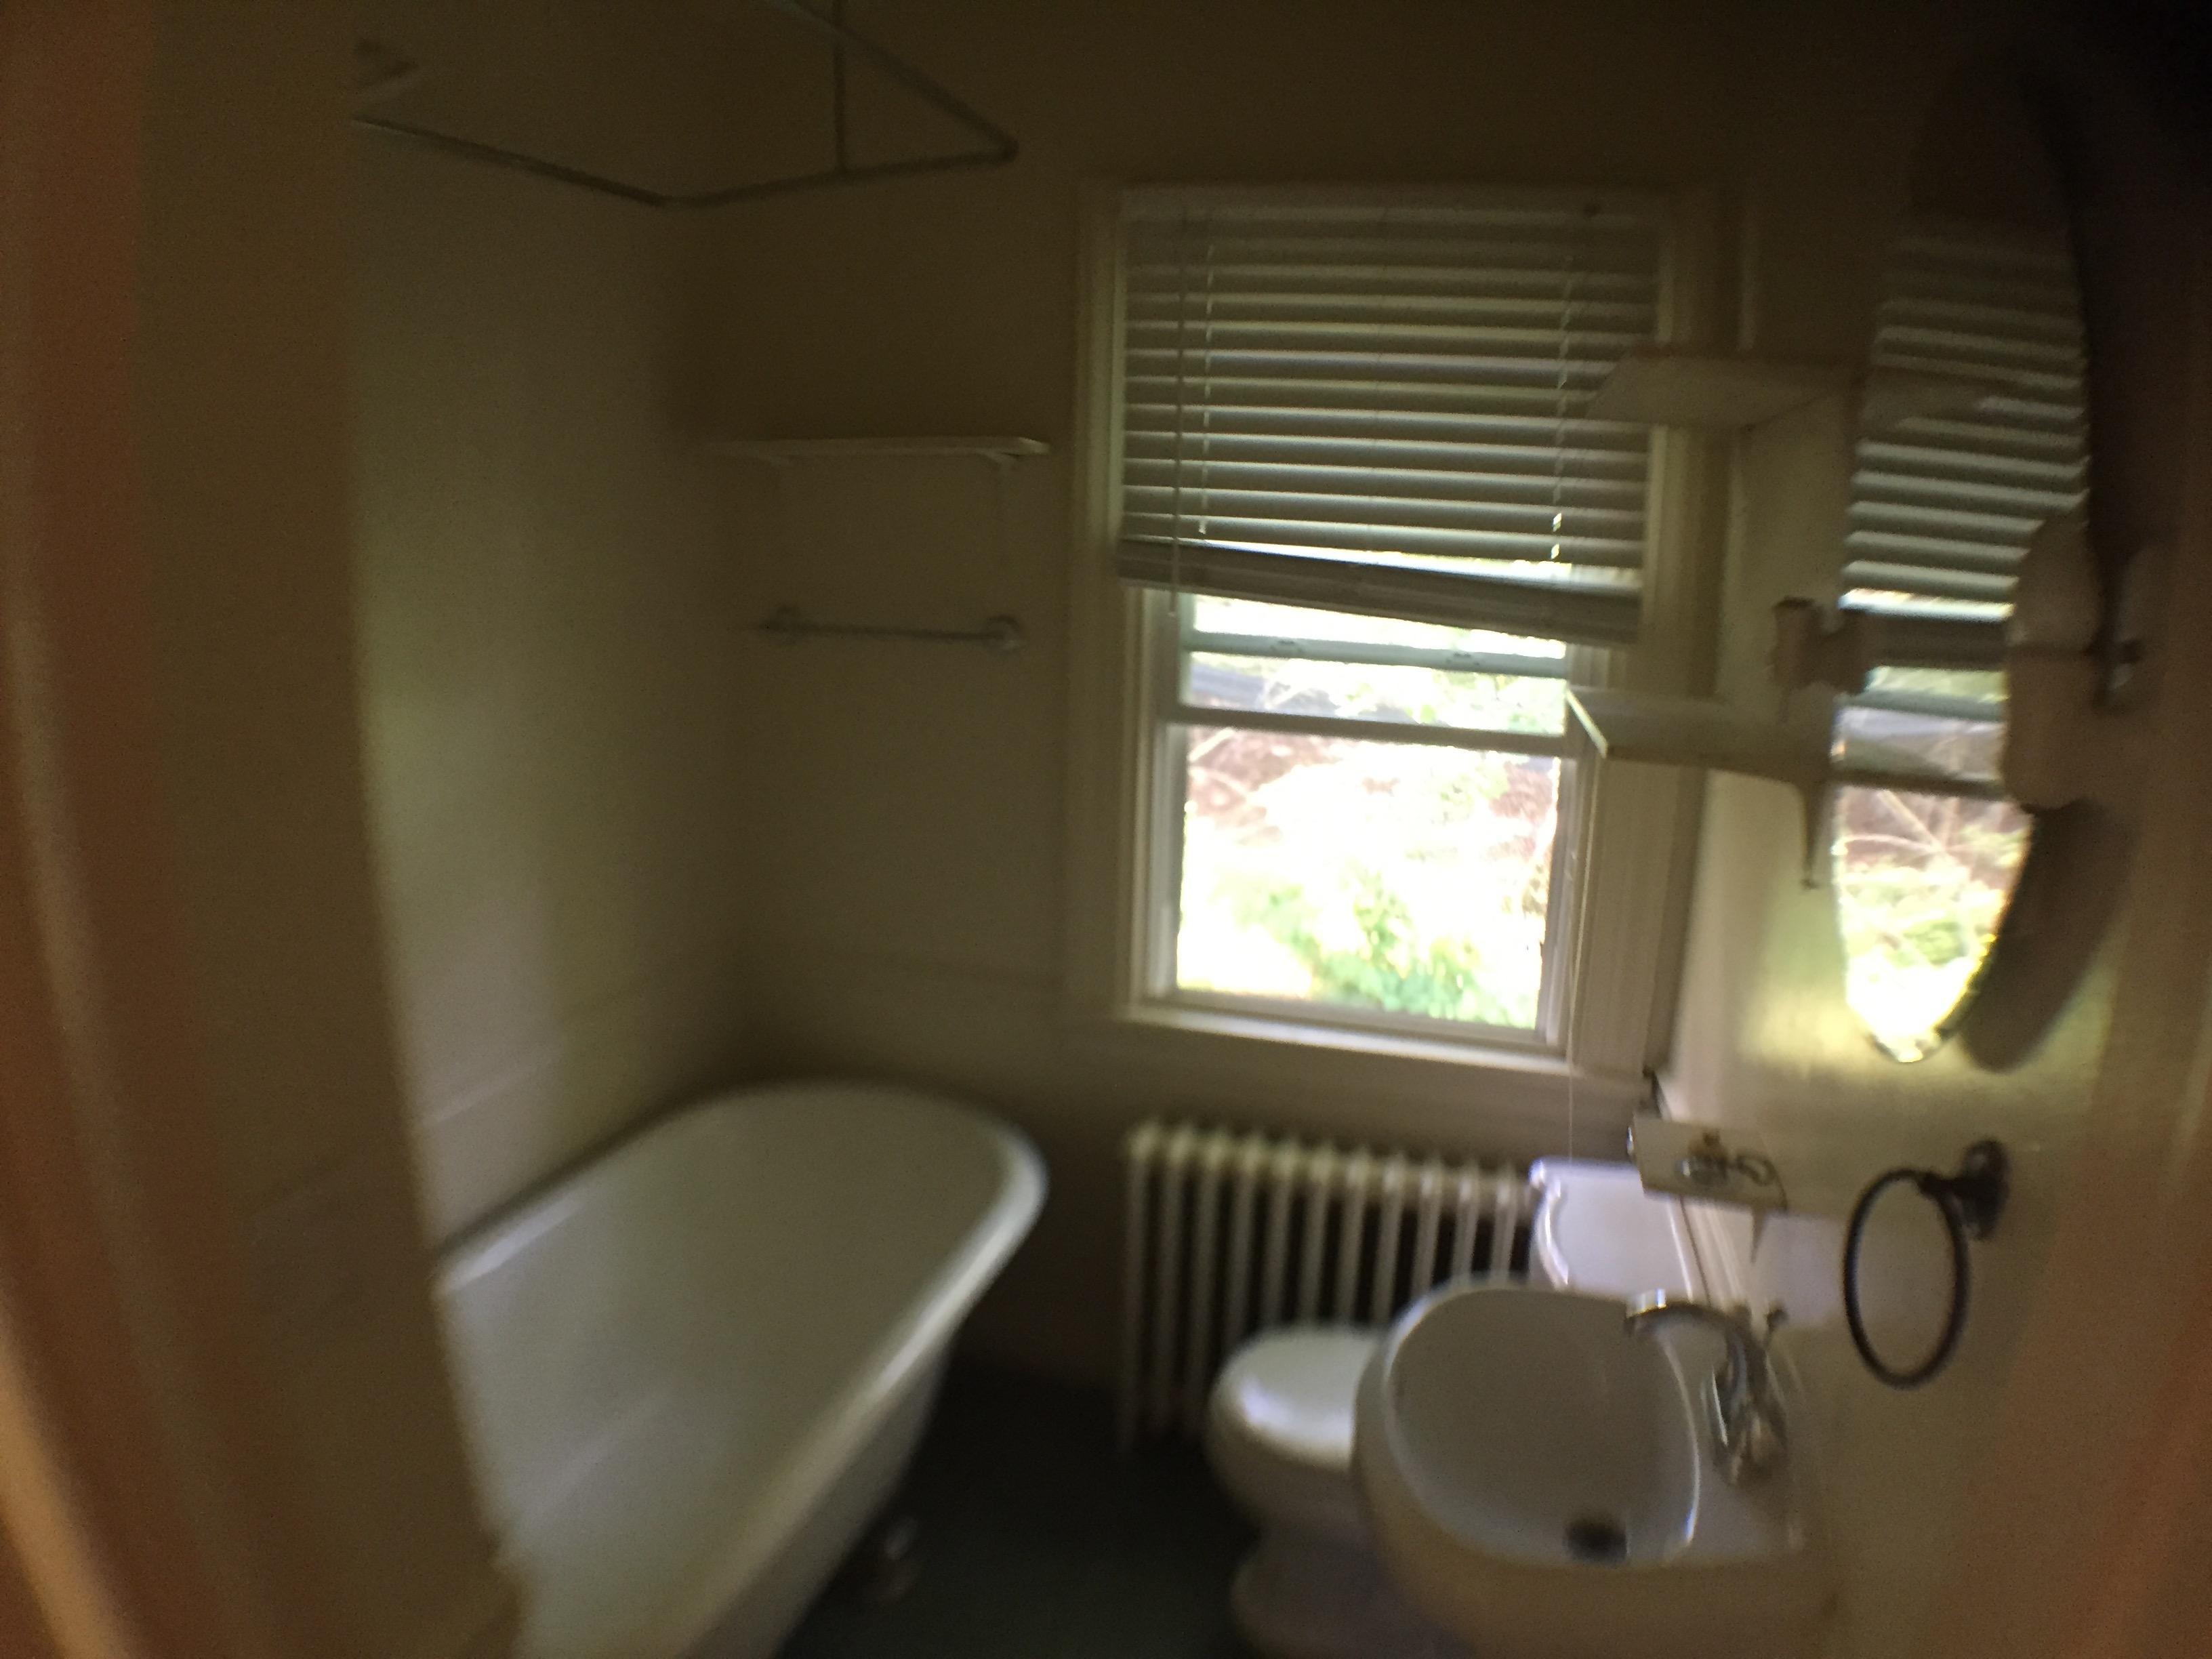 1814 1 W Bathrm Claw Foot Tub Shower Klein Rentals